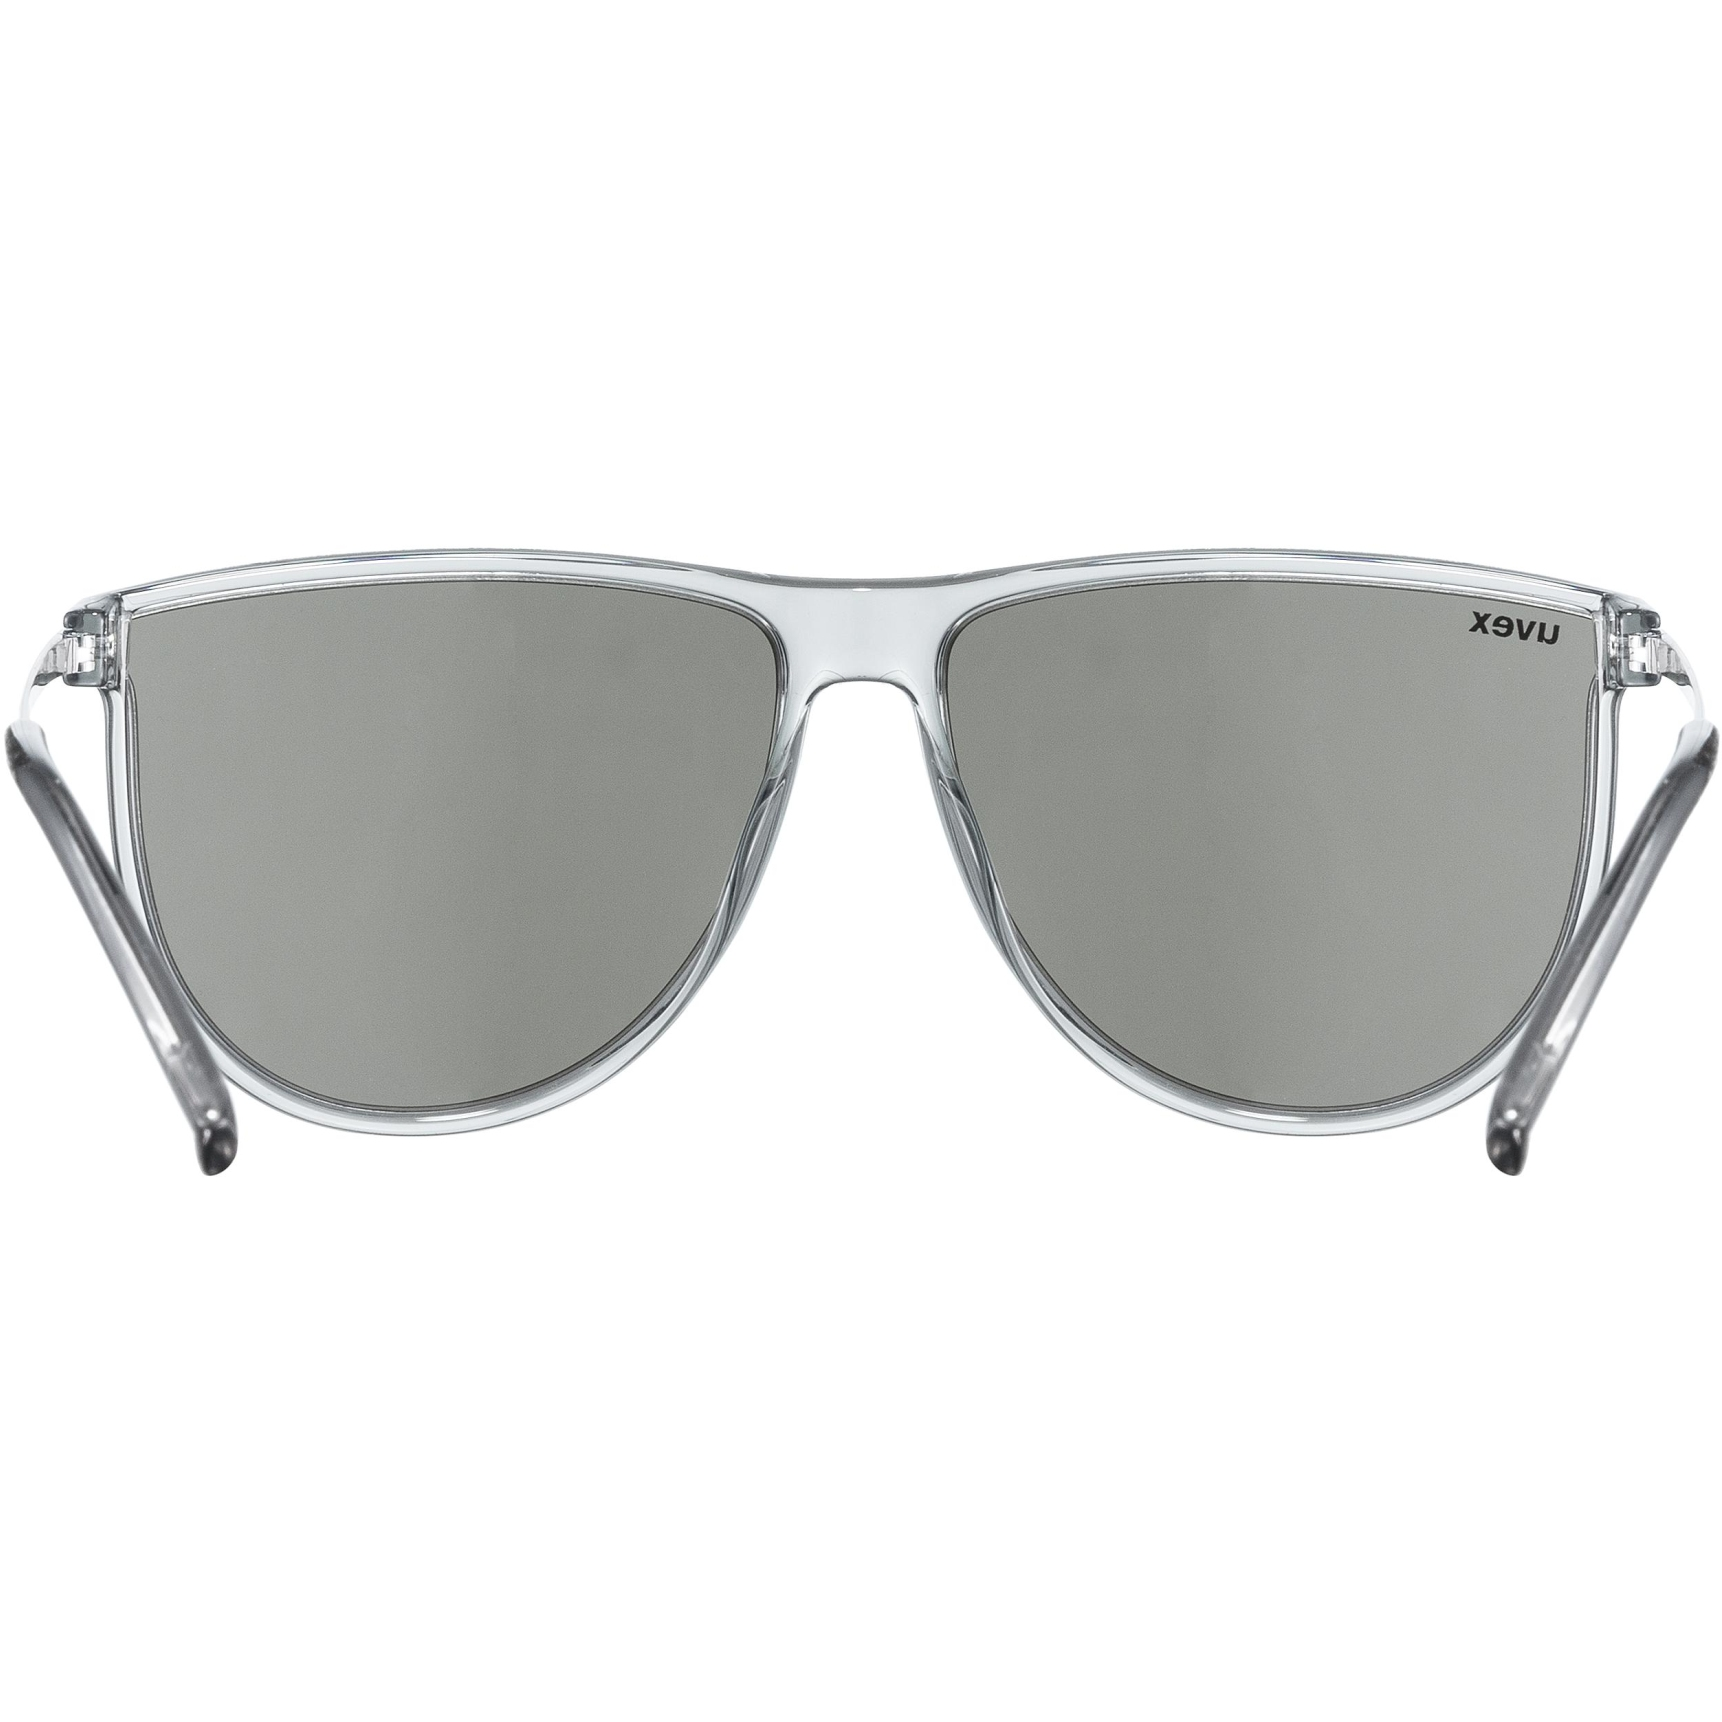 Bild von Uvex lgl 47 Brille - clear/mirror gold